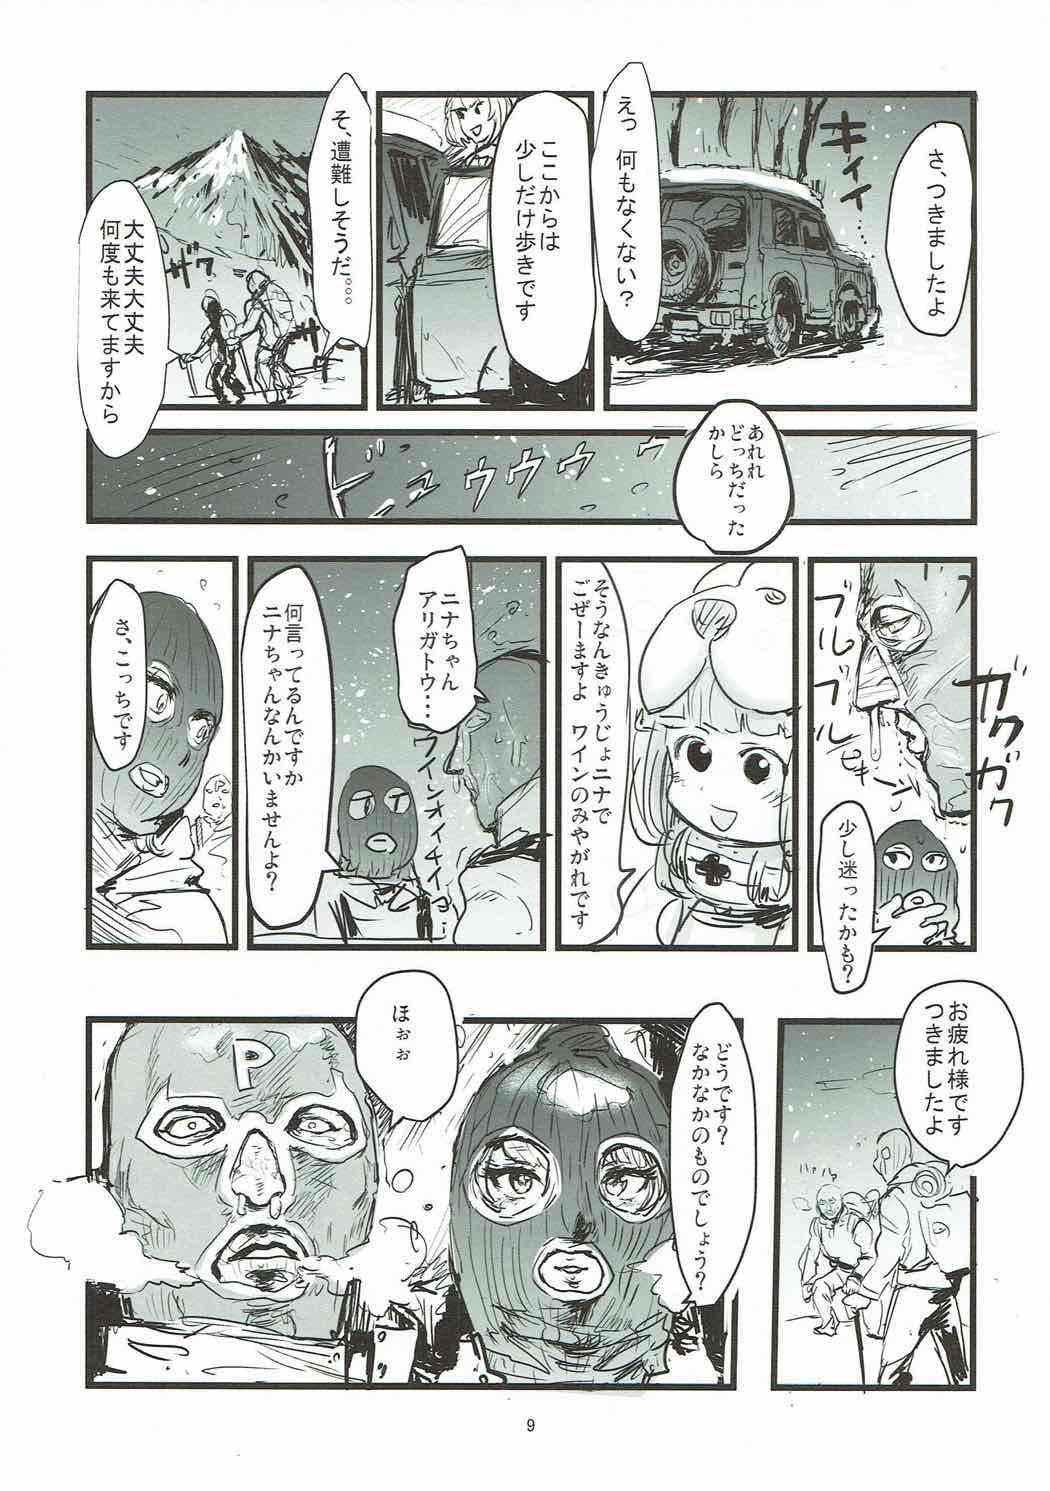 Yukemuri Hitou Kaede no Yu 7